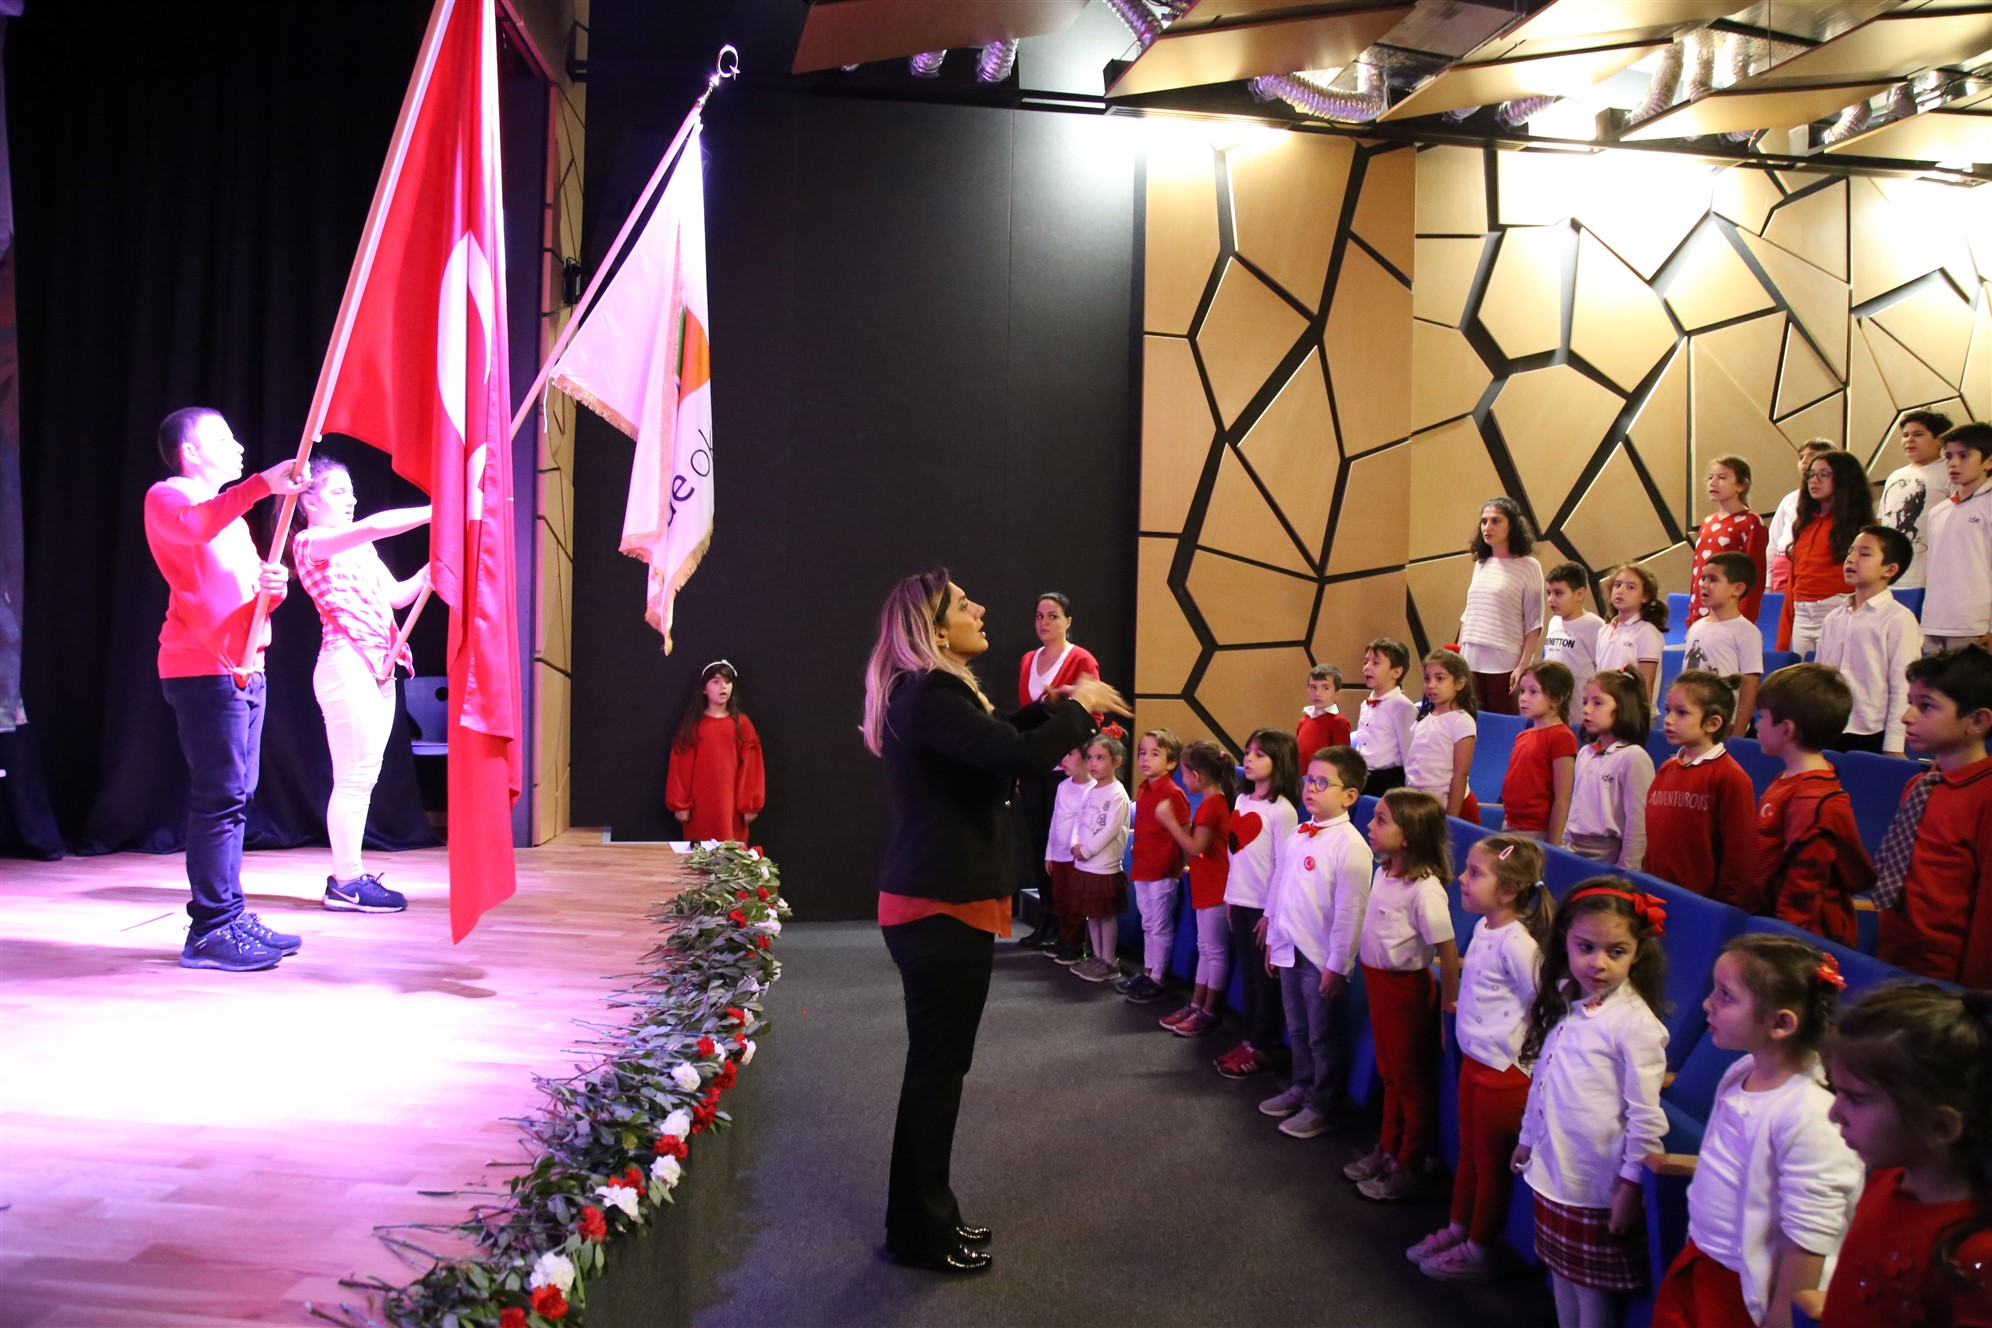 ide'liler, 29 Ekim Cumhuriyet Bayramını Coşkuyla Kutladı